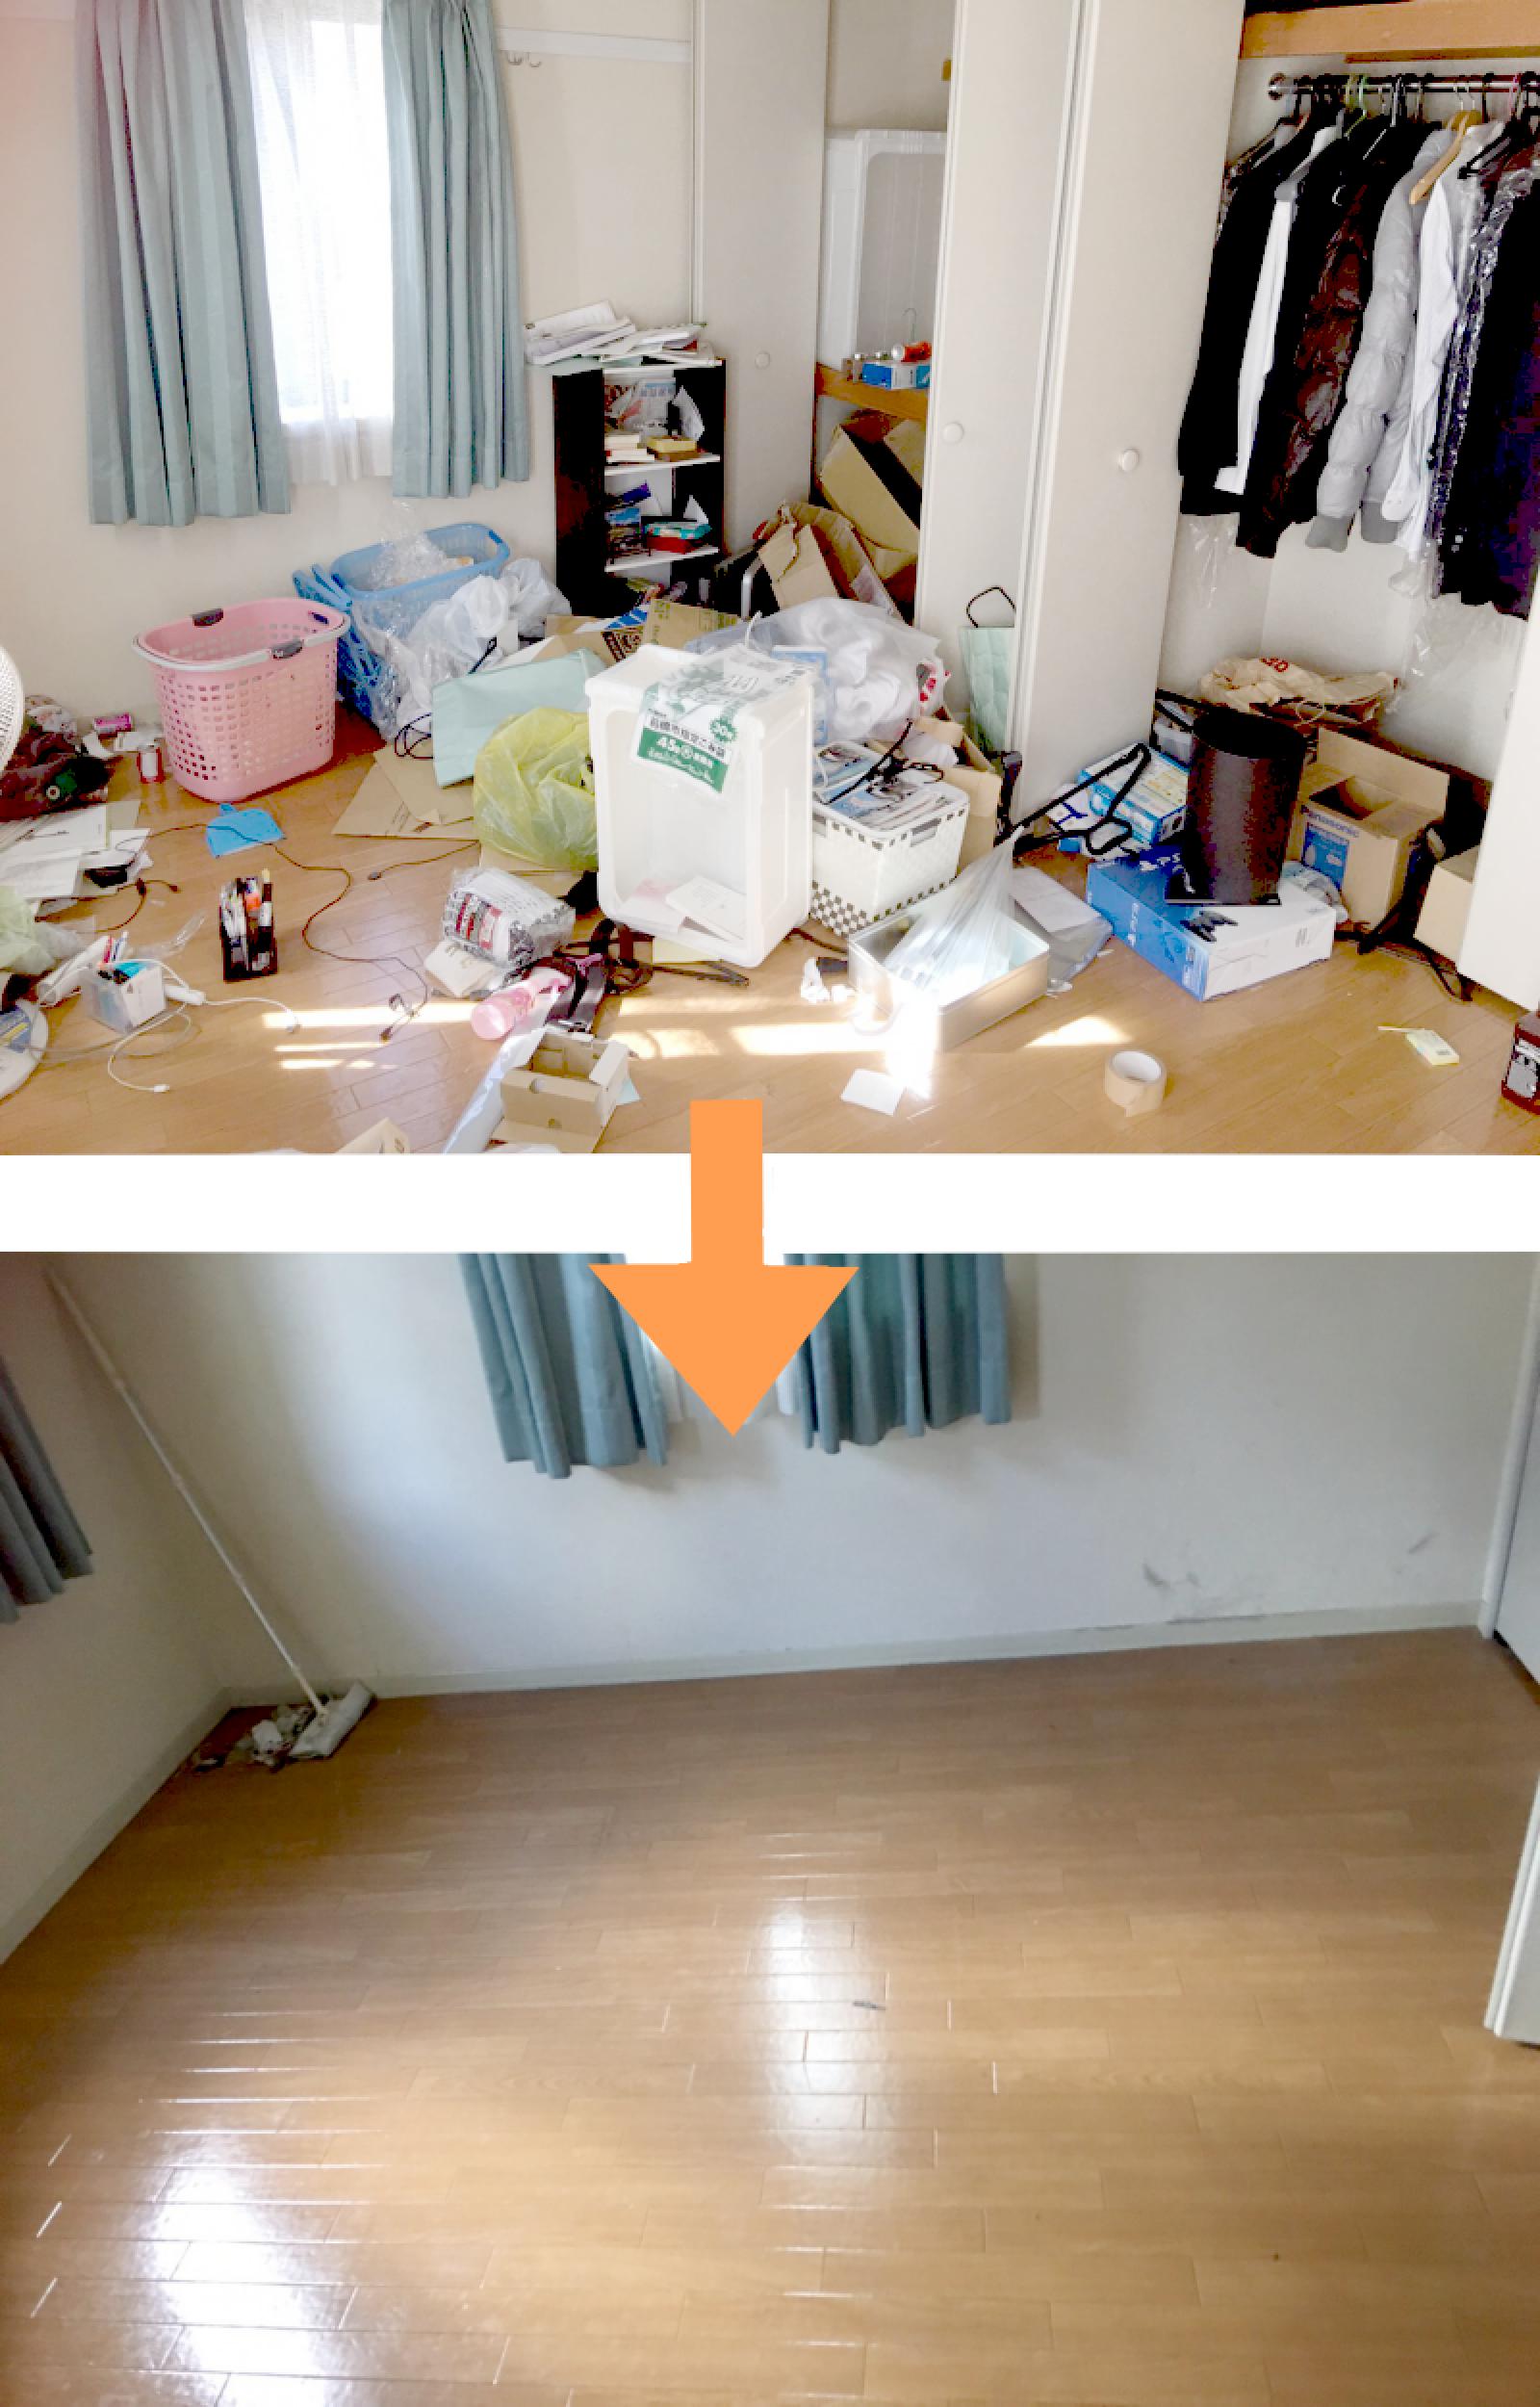 細々したゴミは手で拾わず掃除機で一気に